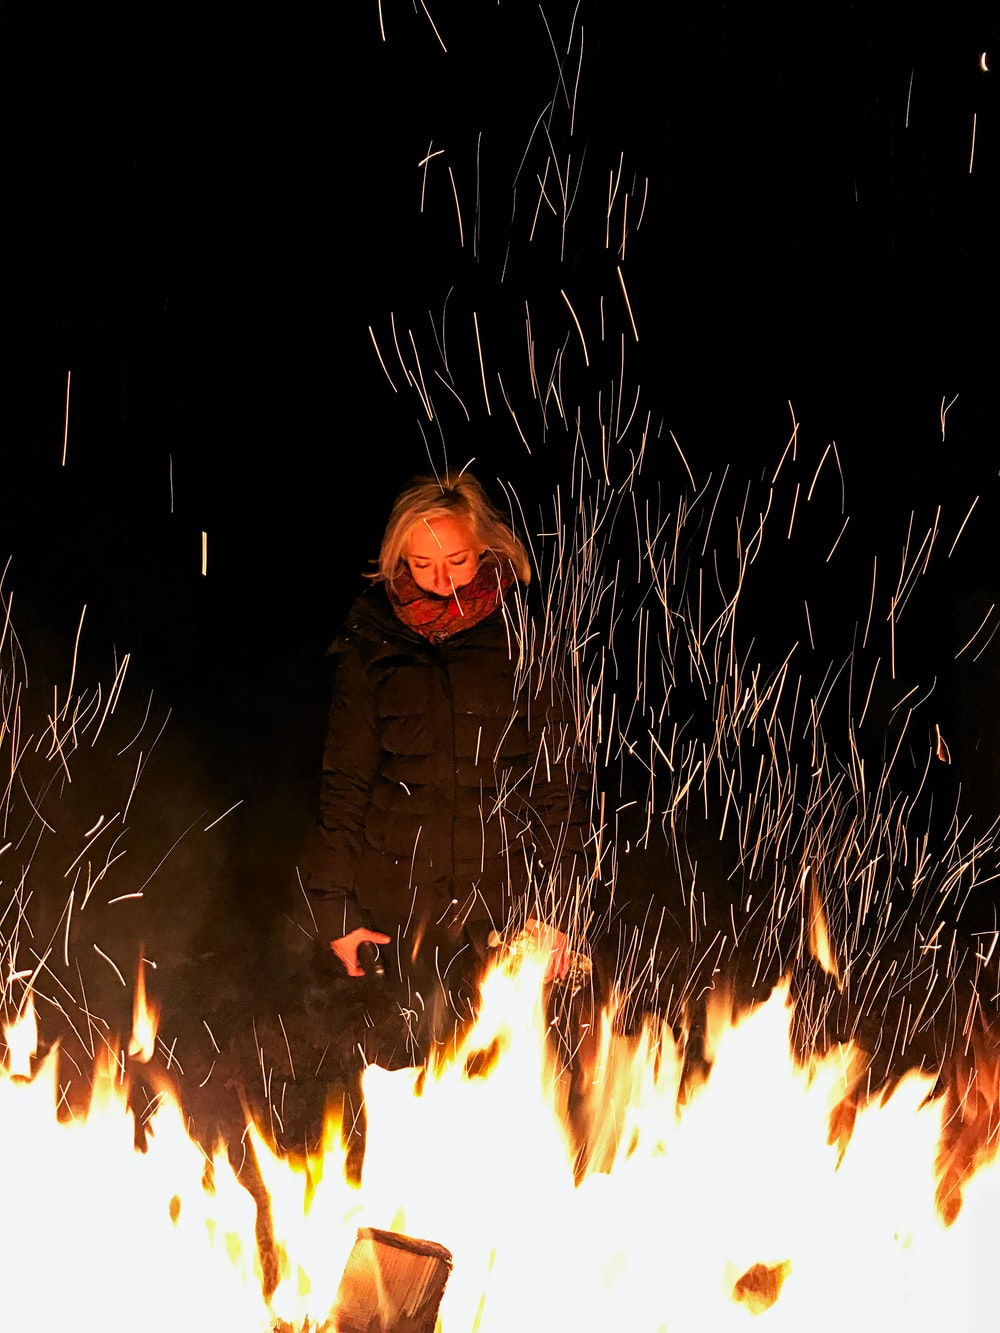 woman near fire